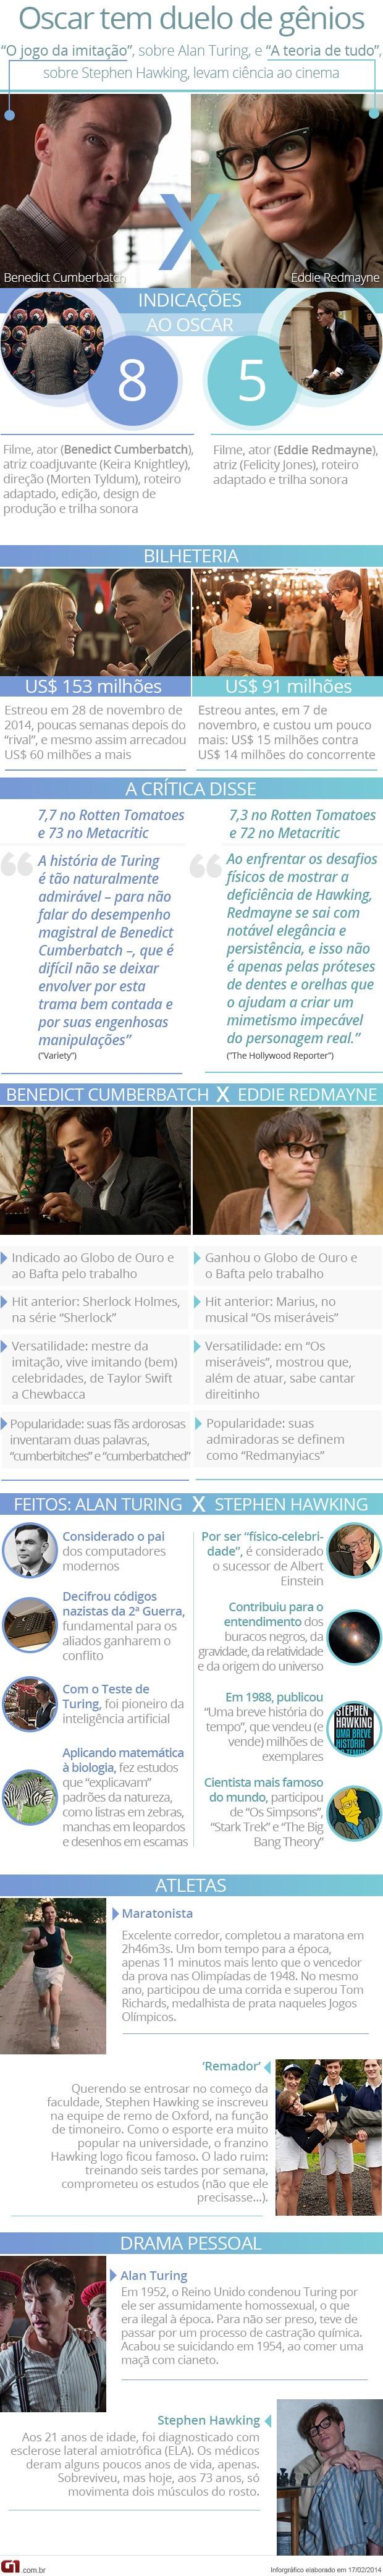 Comparação entre 'O jogo da imitação' e 'A teoria de tudo' no Oscar (Foto: Arte/G1)